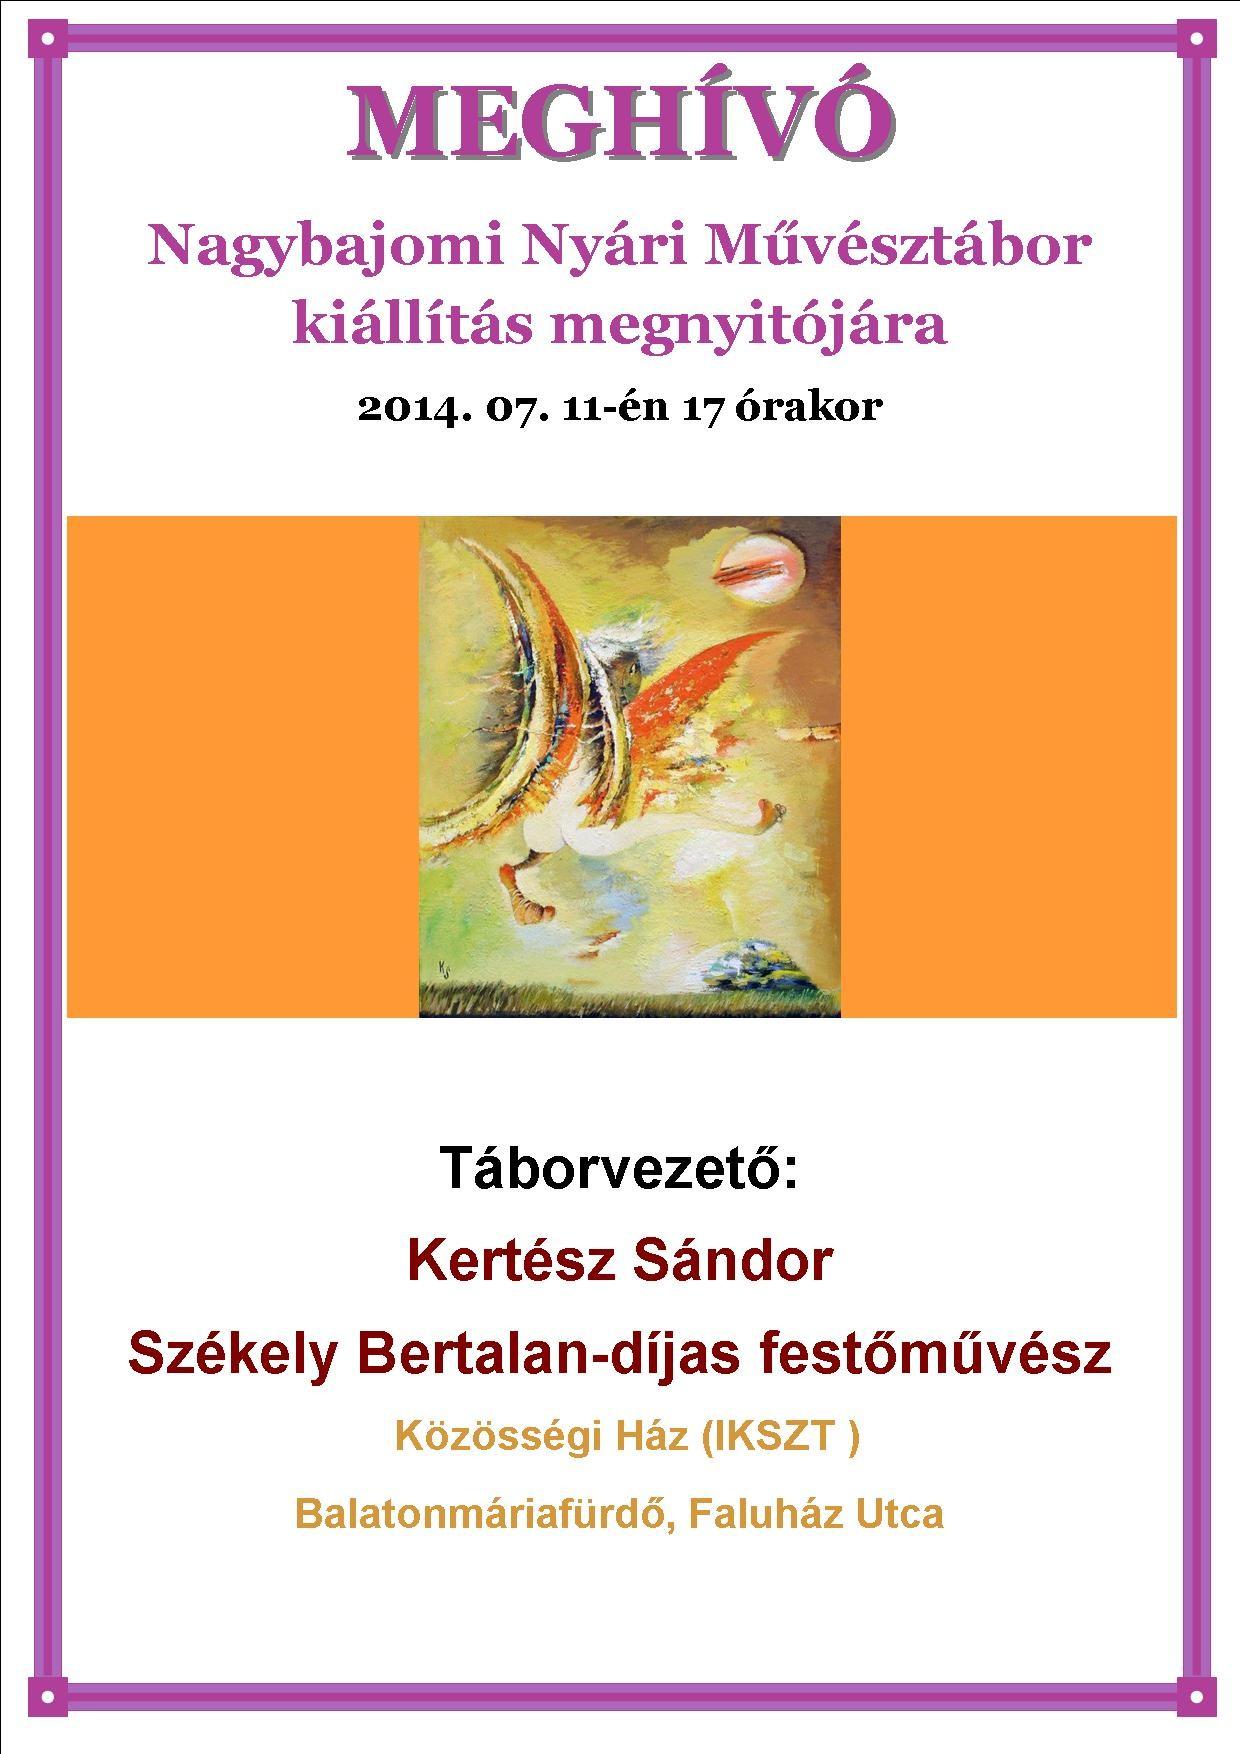 Kiállítás Balatonmáriafürdőn